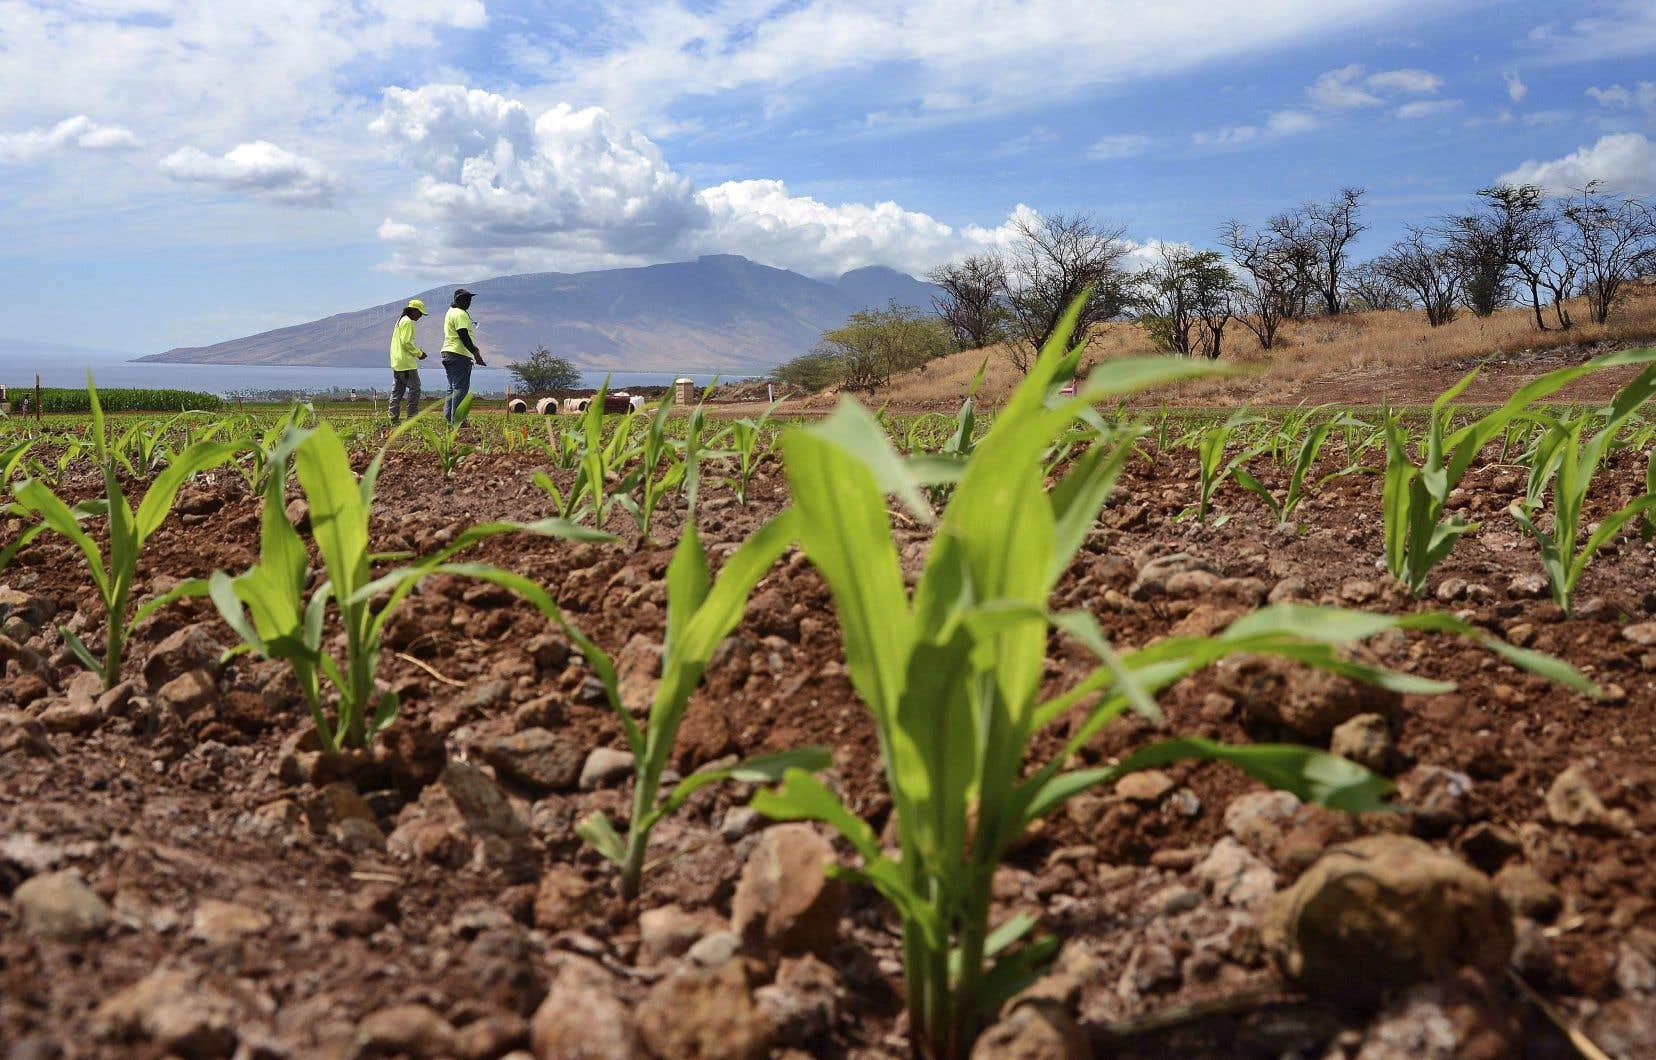 «Nos décisions permettent de garantir que la concurrence et l'innovation resteront effectives sur les marchés des semences, des pesticides et de l'agriculture numérique, même à l'issue de cette concentration», a déclaré la commissaire européenne à la Concurrence.